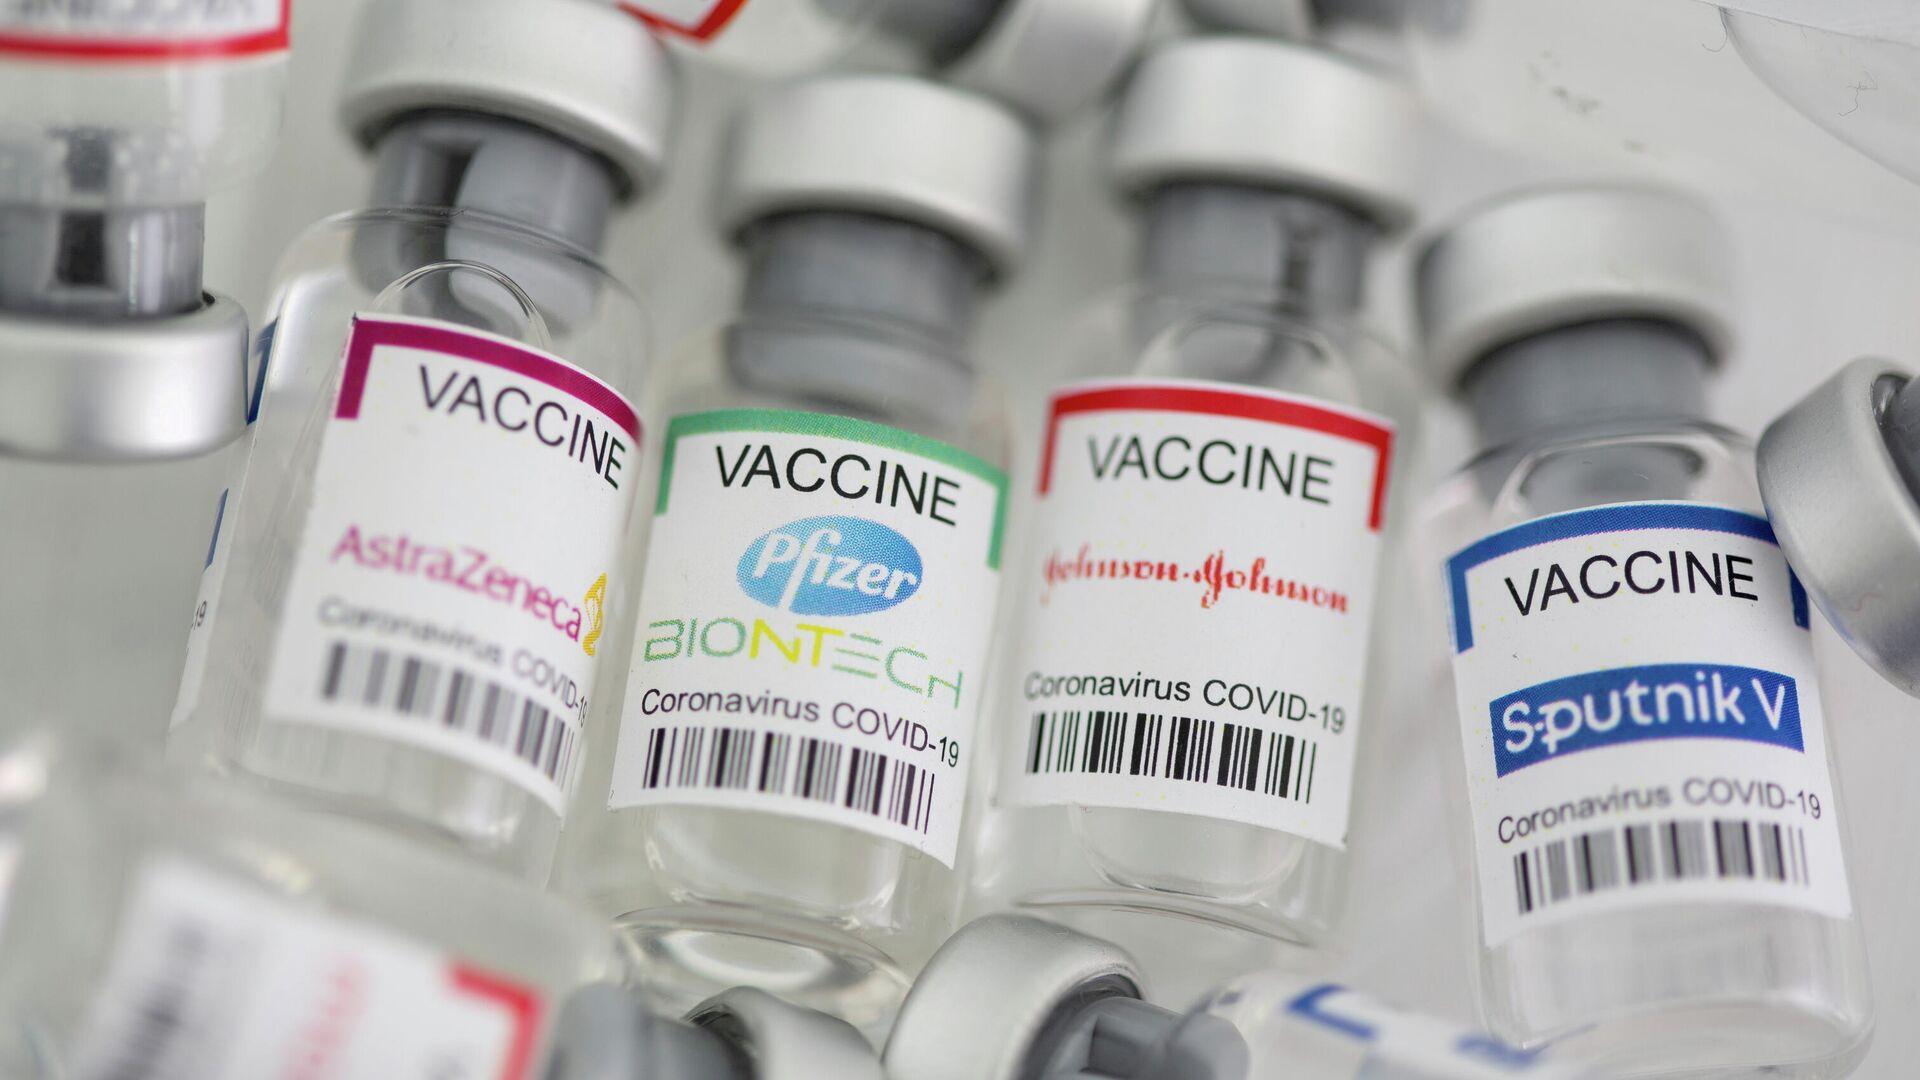 Las vacunas contra el COVID-19 - Sputnik Mundo, 1920, 14.10.2021